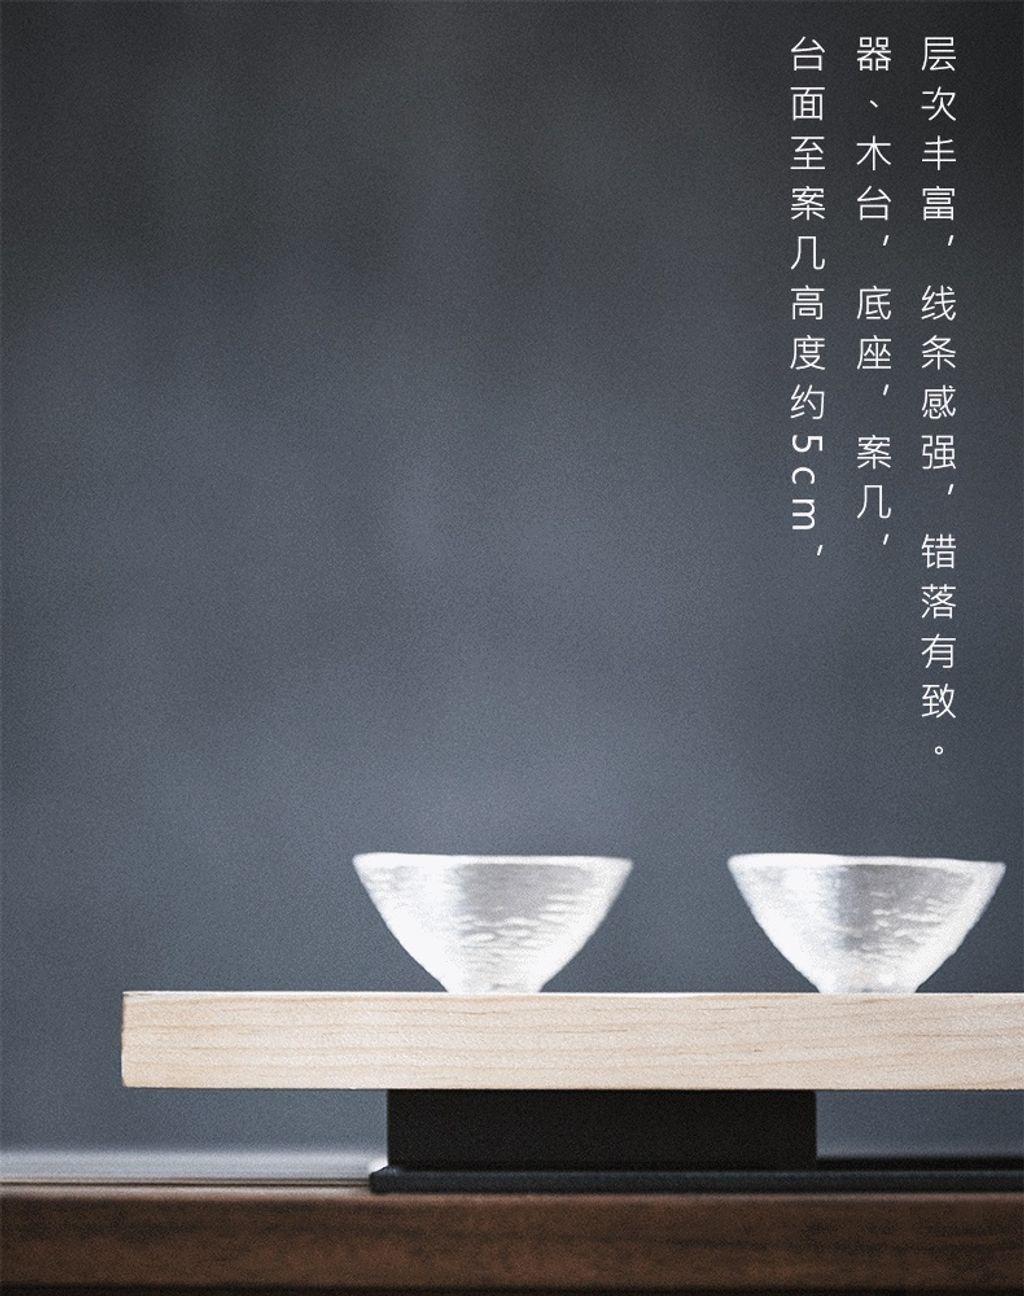 松木鐵藝乾泡茶台3-5.jpg